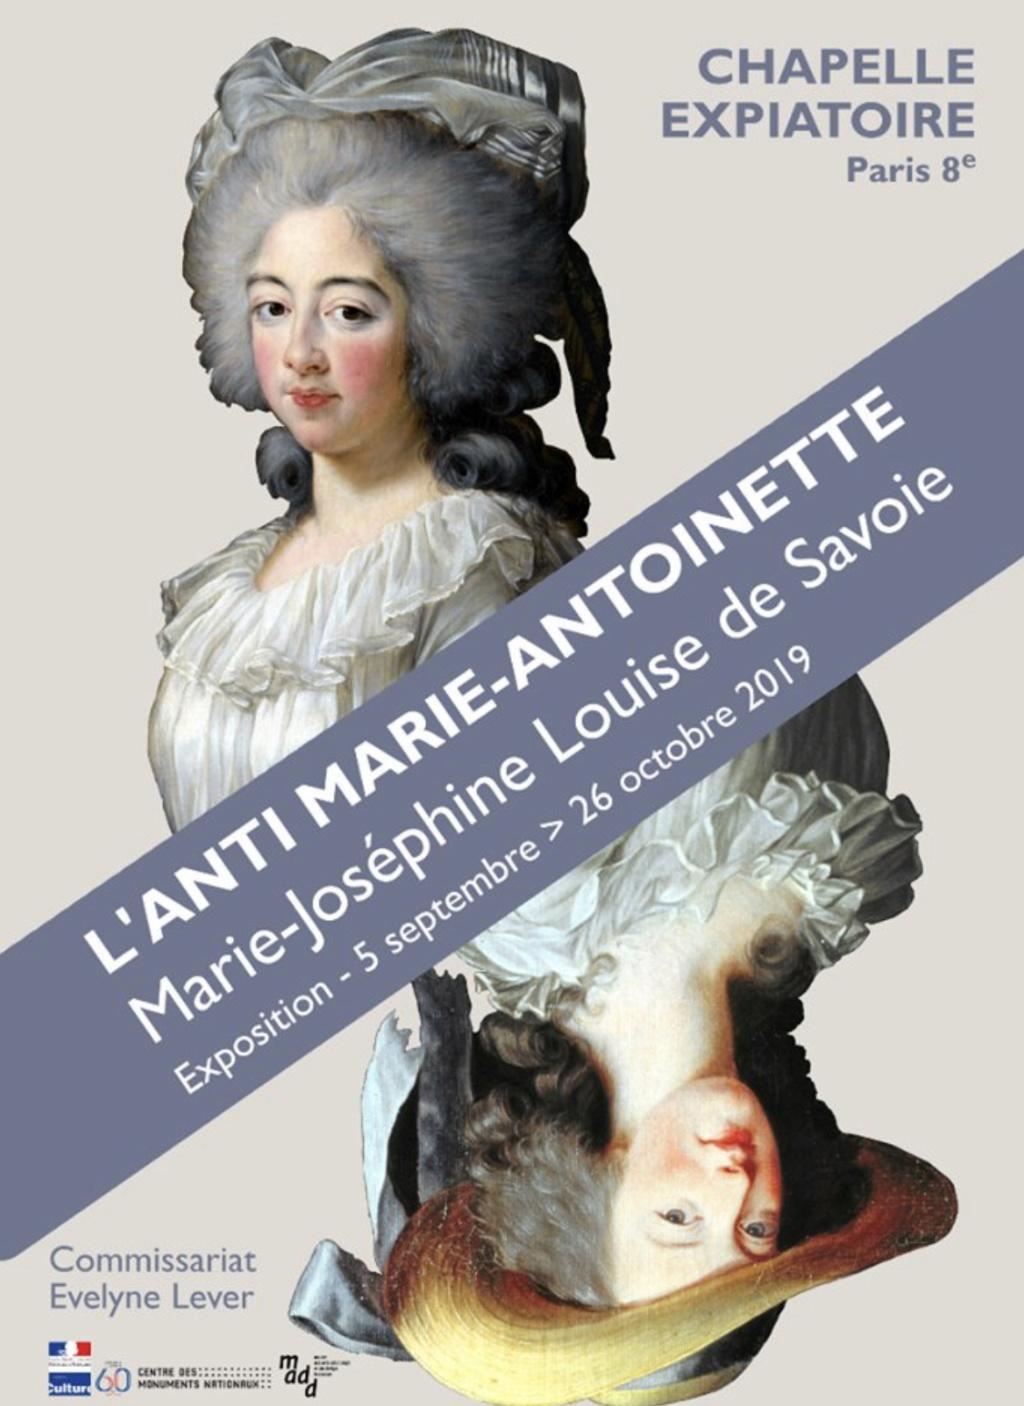 Exposition « L'anti Marie-Antoinette : Marie-Joséphine Louise de Savoie » à la chapelle expiatoire 08a19210